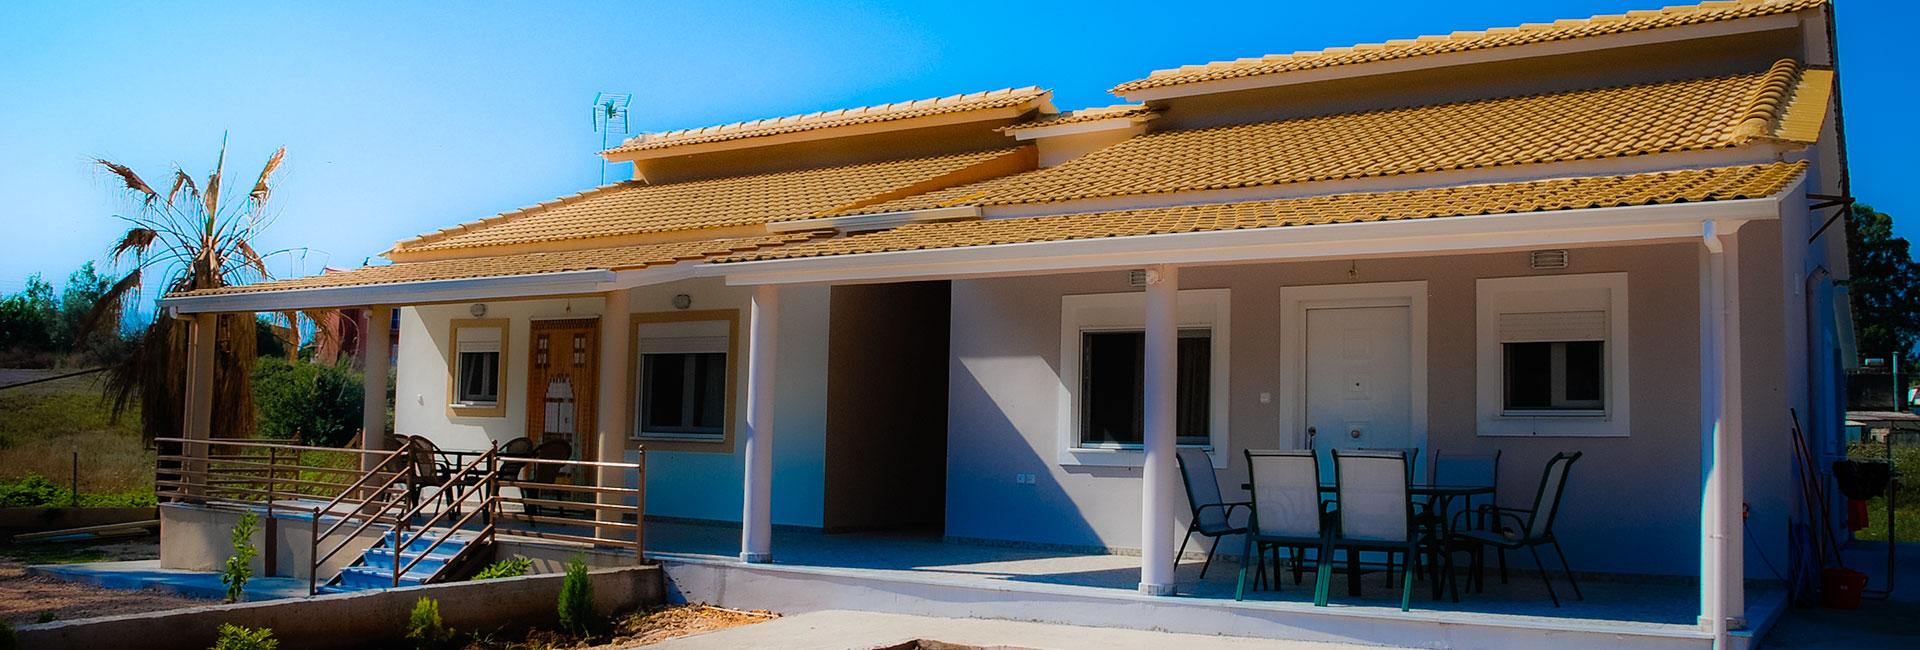 Ισόγειες Κατοικίες - Προκάτ Σπίτια Ήπειρος - Γεώργιος Χρυσοστόμου & Υιοί